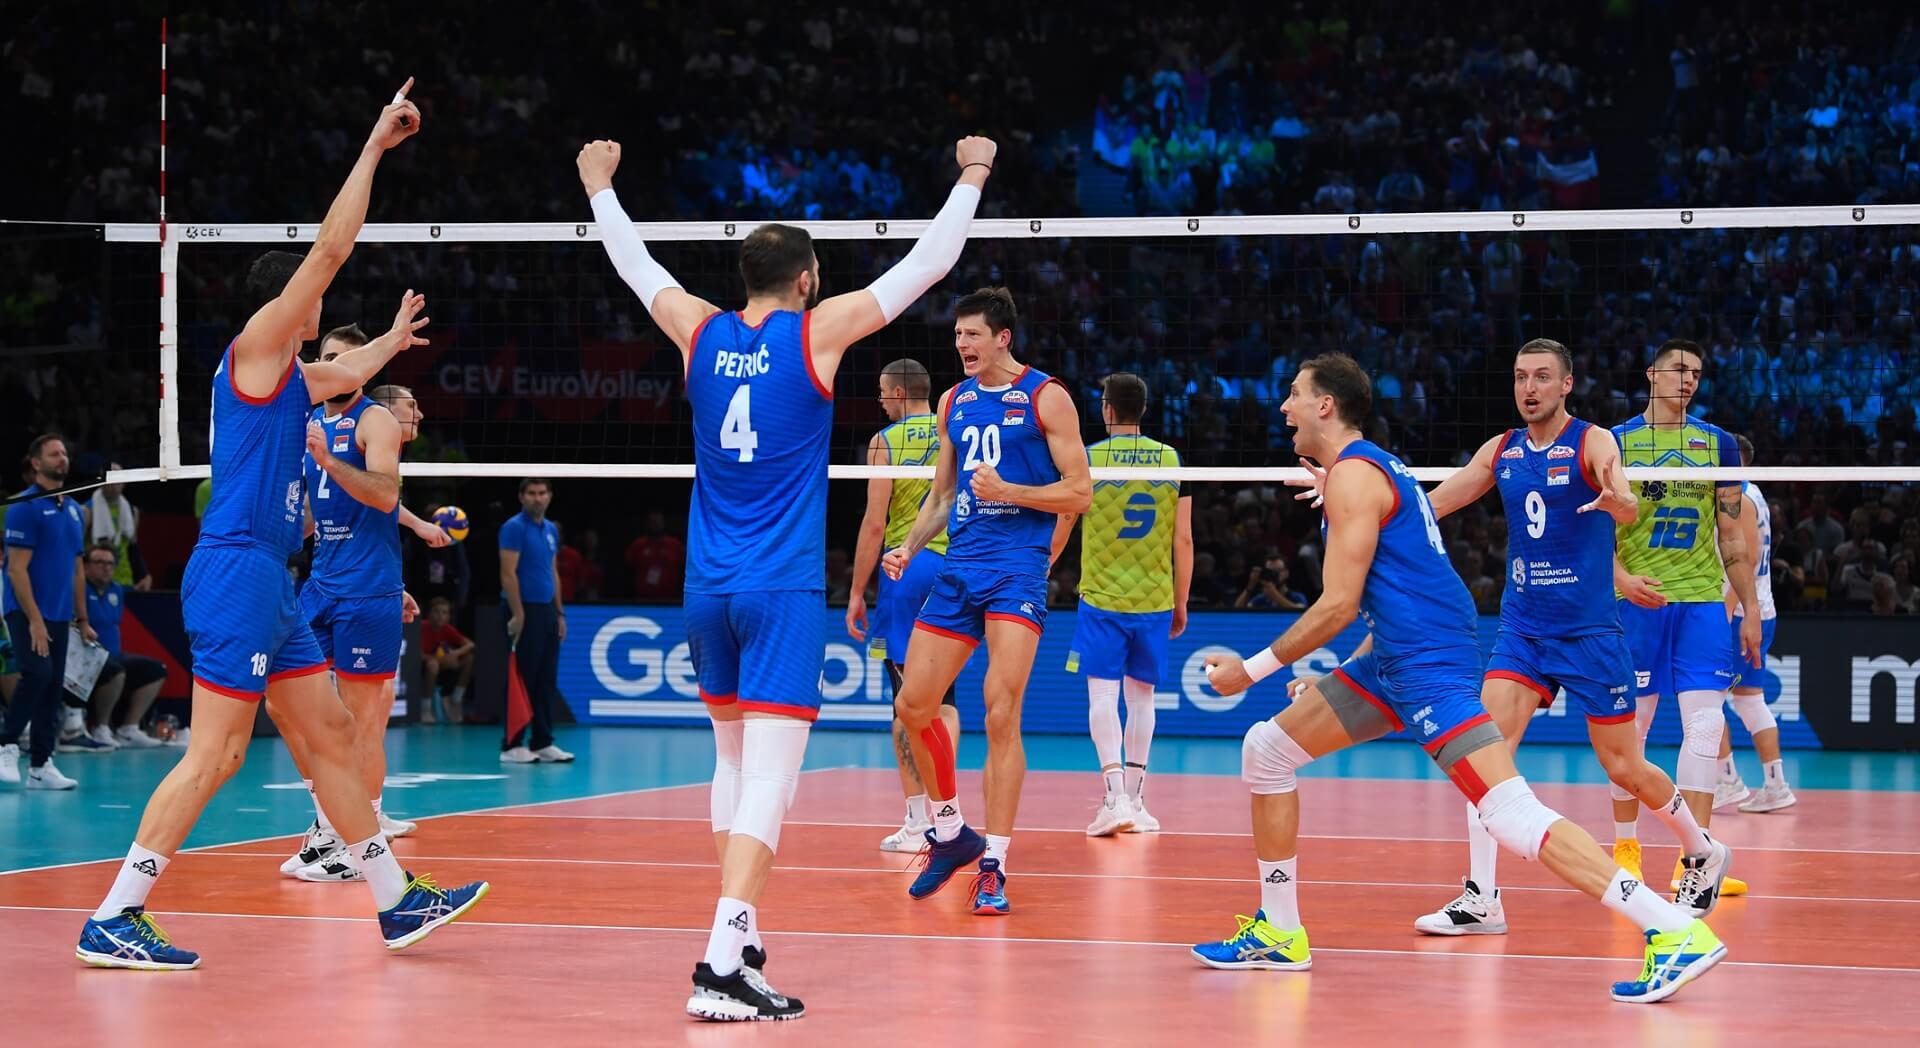 Siatkarze reprezentacji Serbii zostali mistrzami Europy